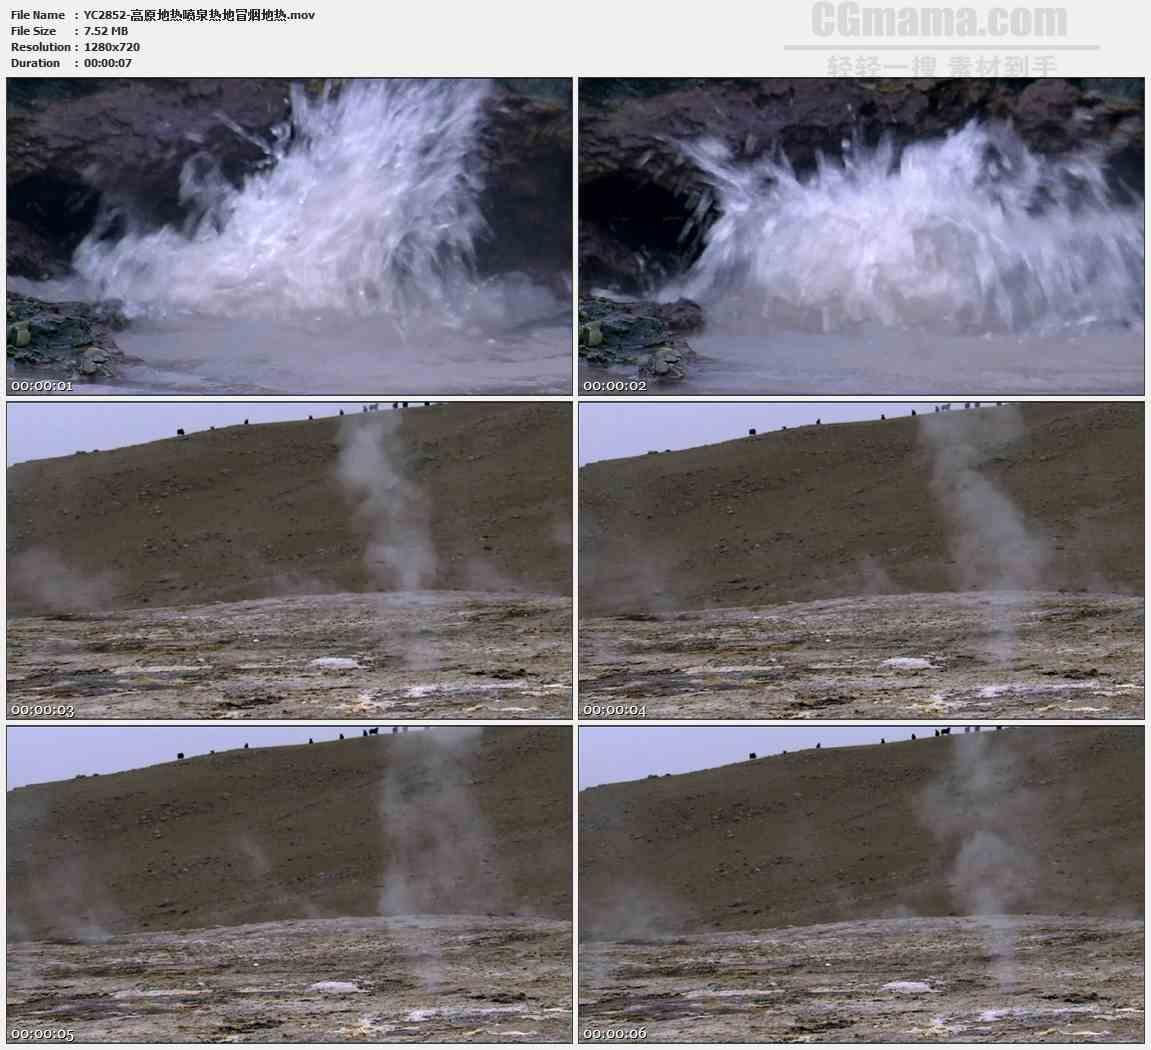 YC2852-高原地热喷泉热地冒烟地热高清实拍视频素材